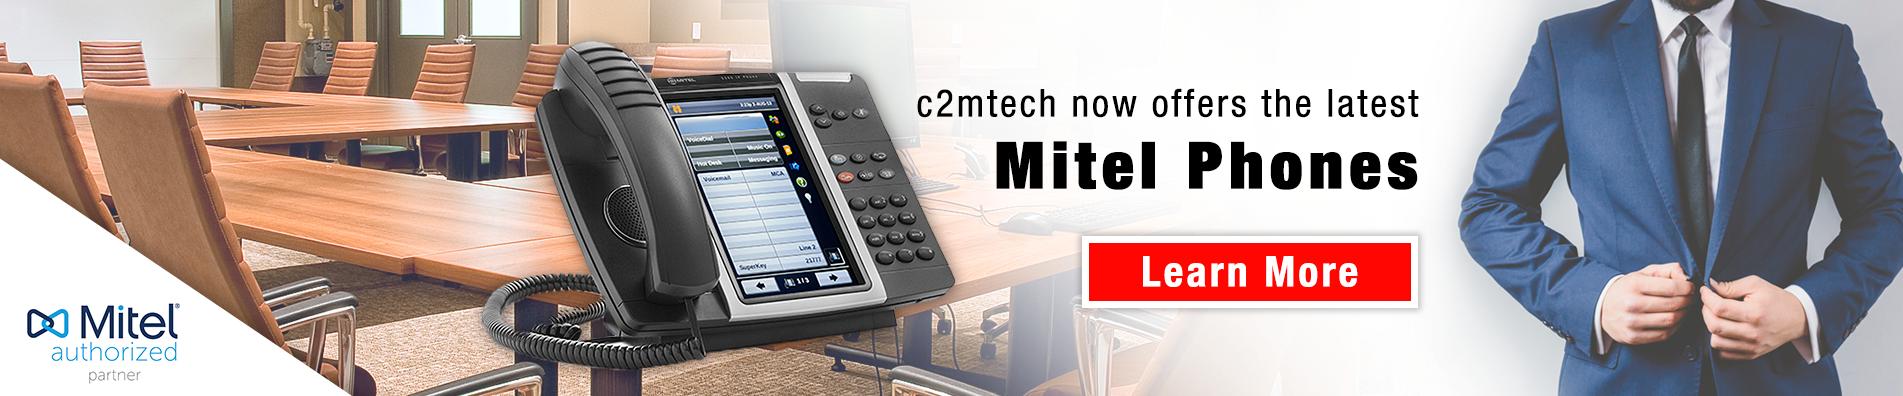 Mitel Phones